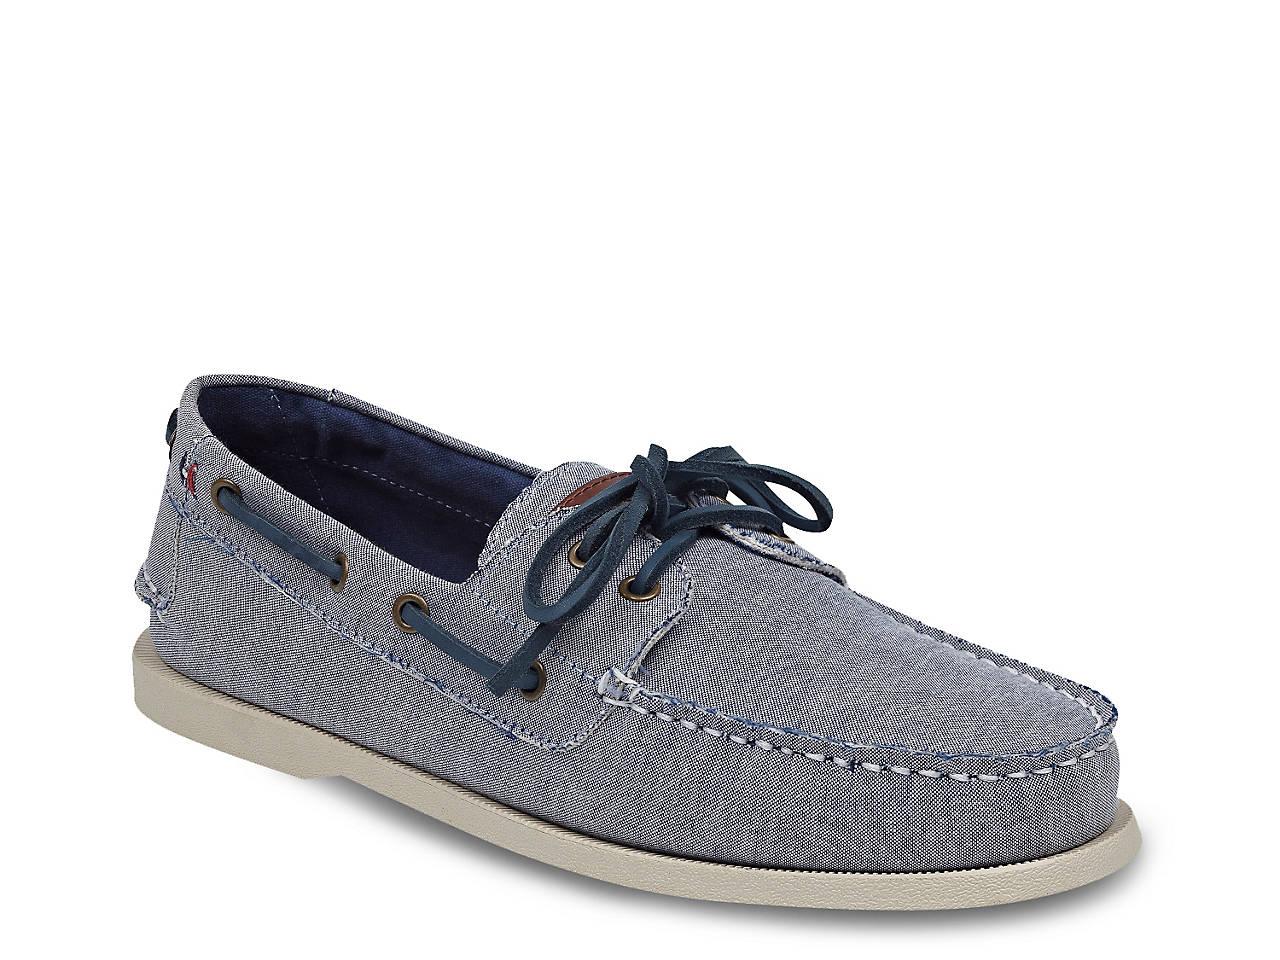 6d62fe8ad60a Tommy Hilfiger Bowman 5 Boat Shoe Men s Shoes